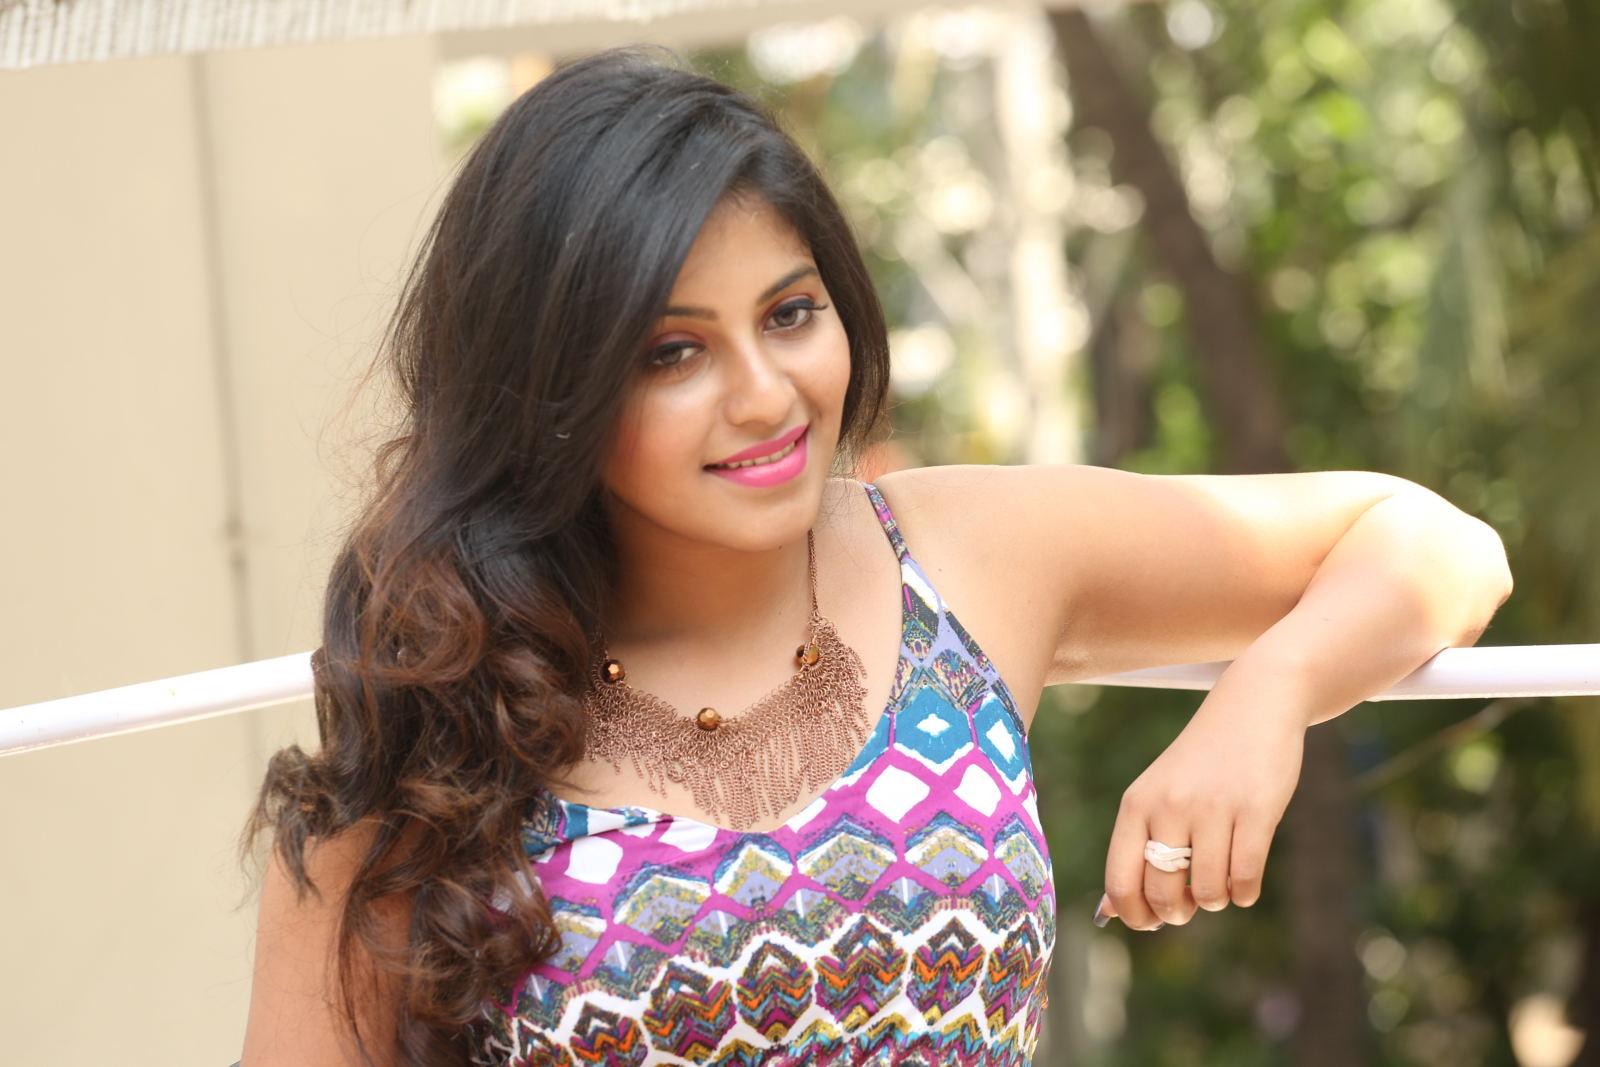 Actor Anjali Photos: Anjali Latest Glamorous Photos